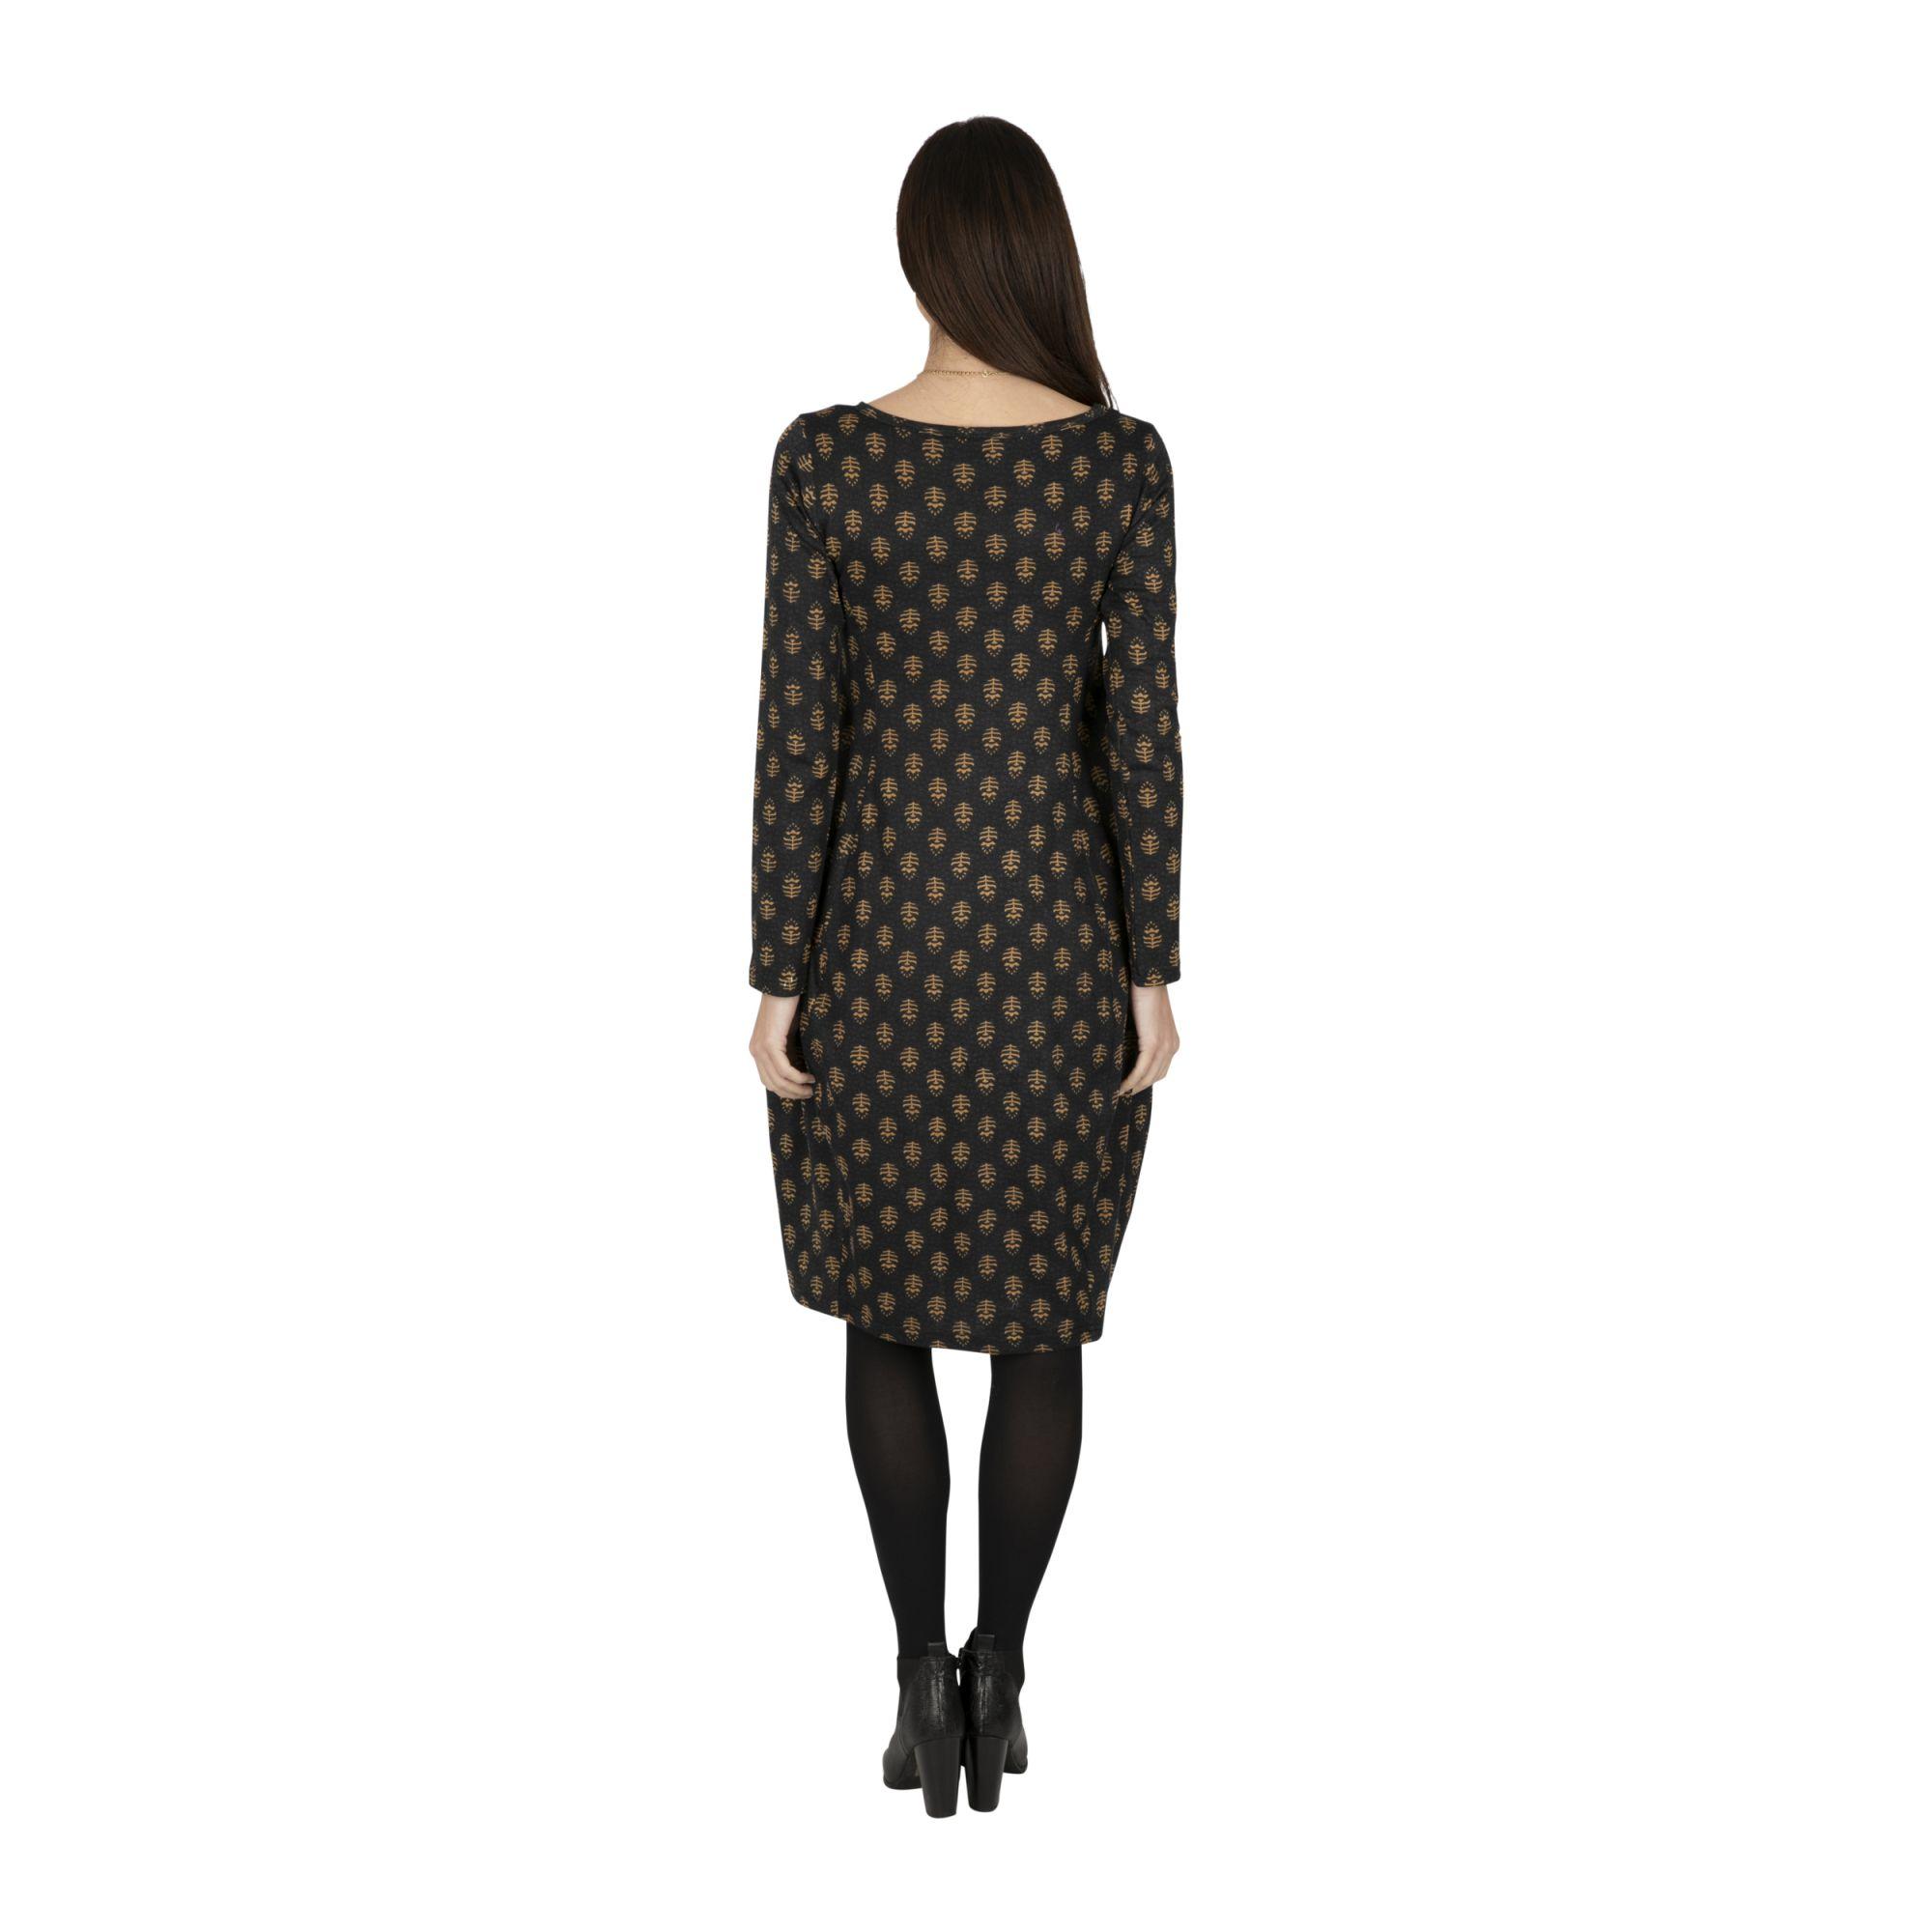 Robe femme noire hiver à imprimé graphique Huntie